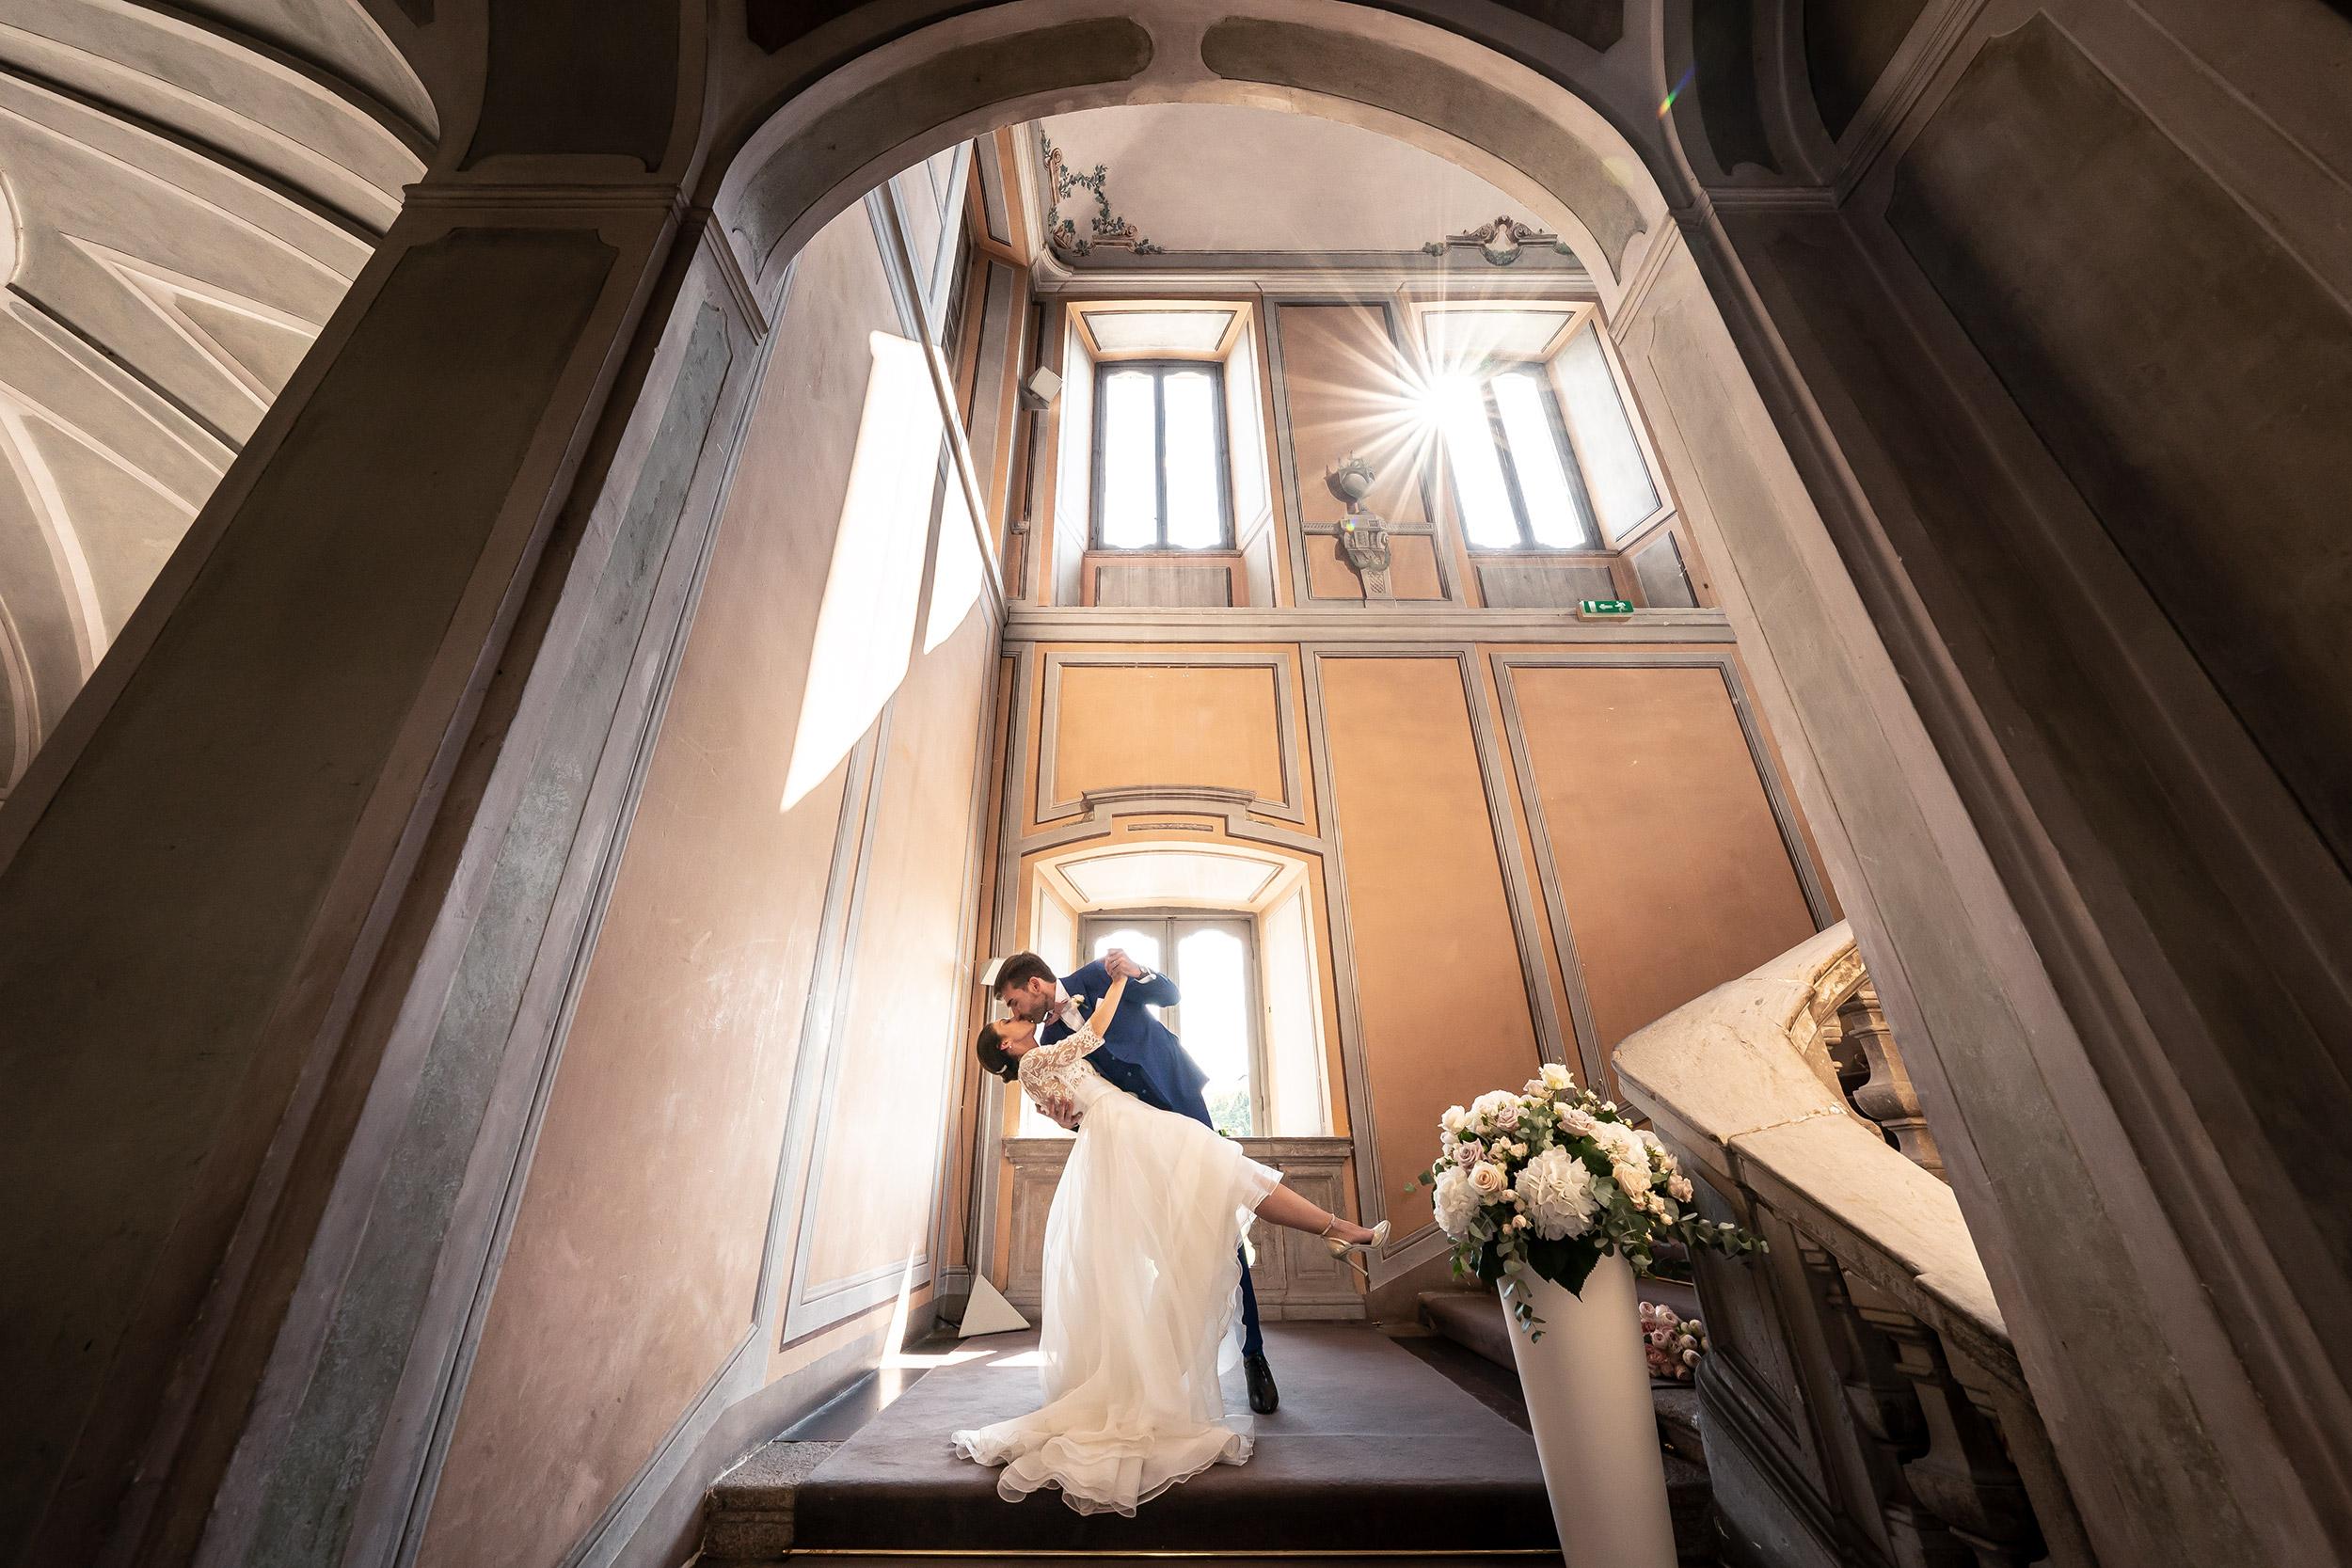 000 fotografo matrimonio reportage ritratto wedding sposi villa borromeo cassano d adda milano 1